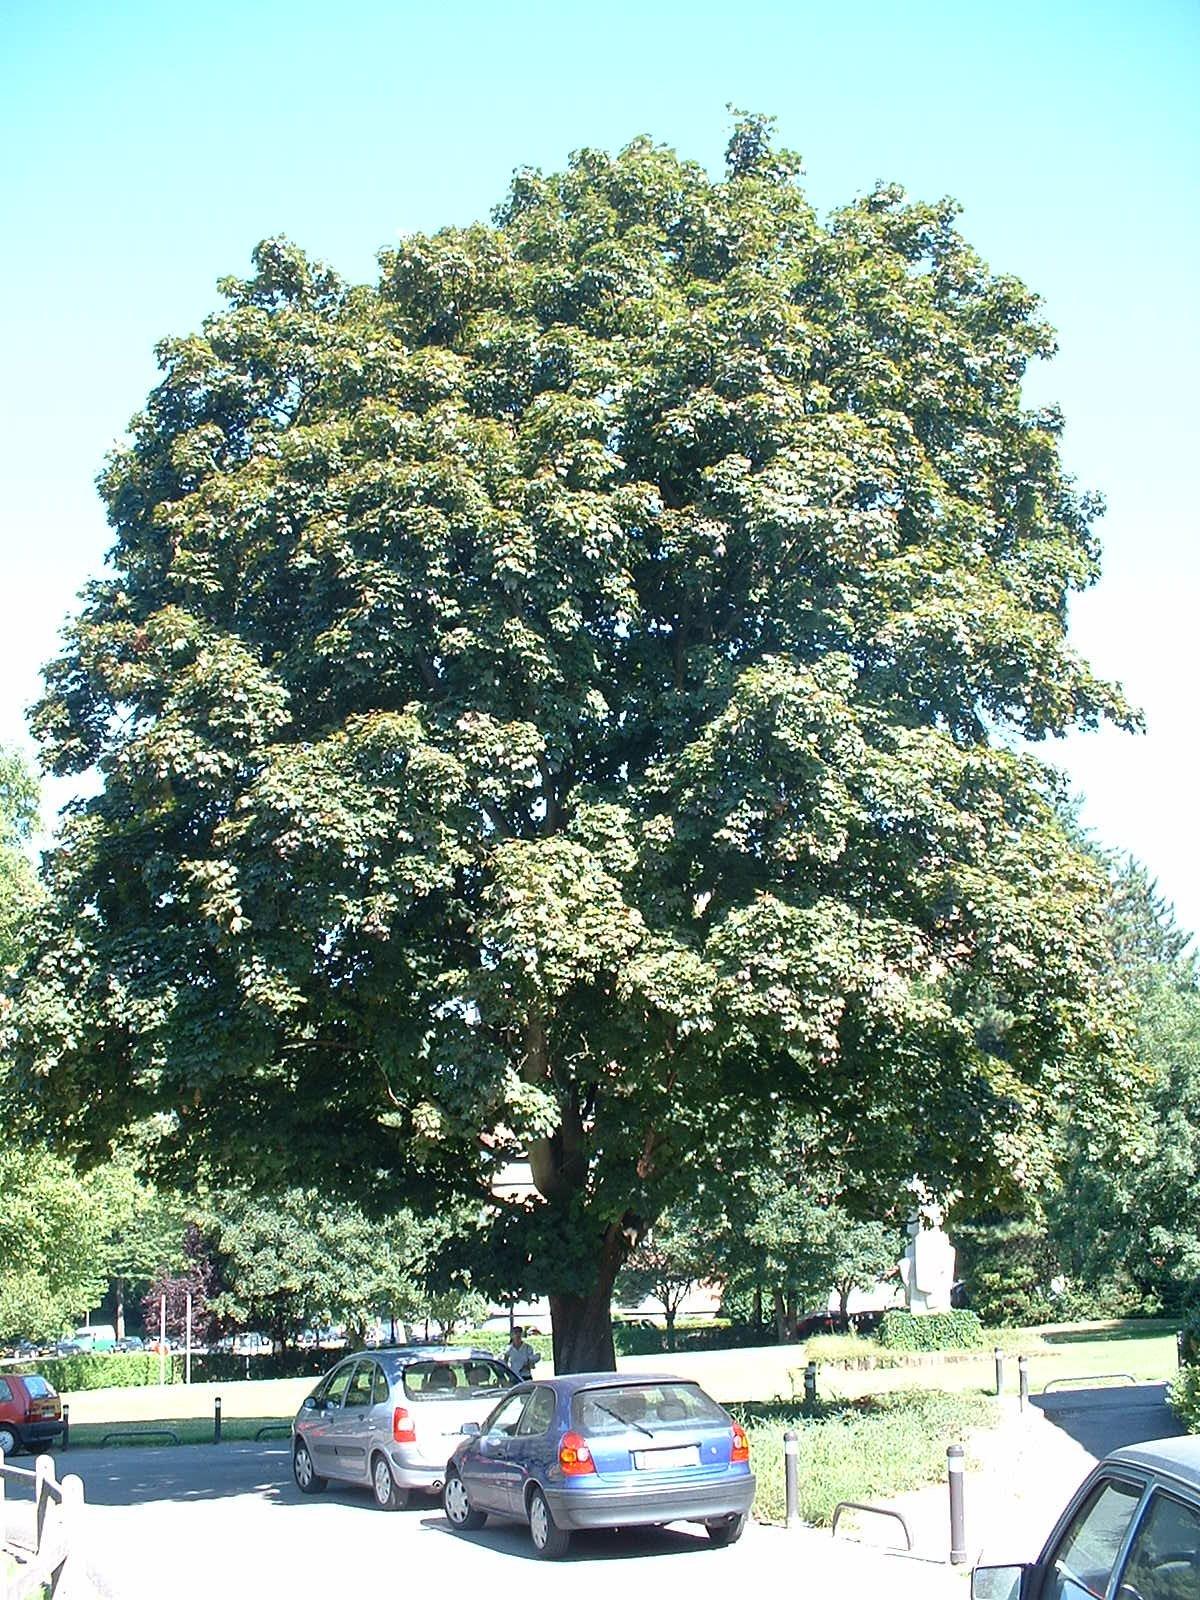 Acer platanoides f. schwedleri, Université Libre de Bruxelles - Solbosch